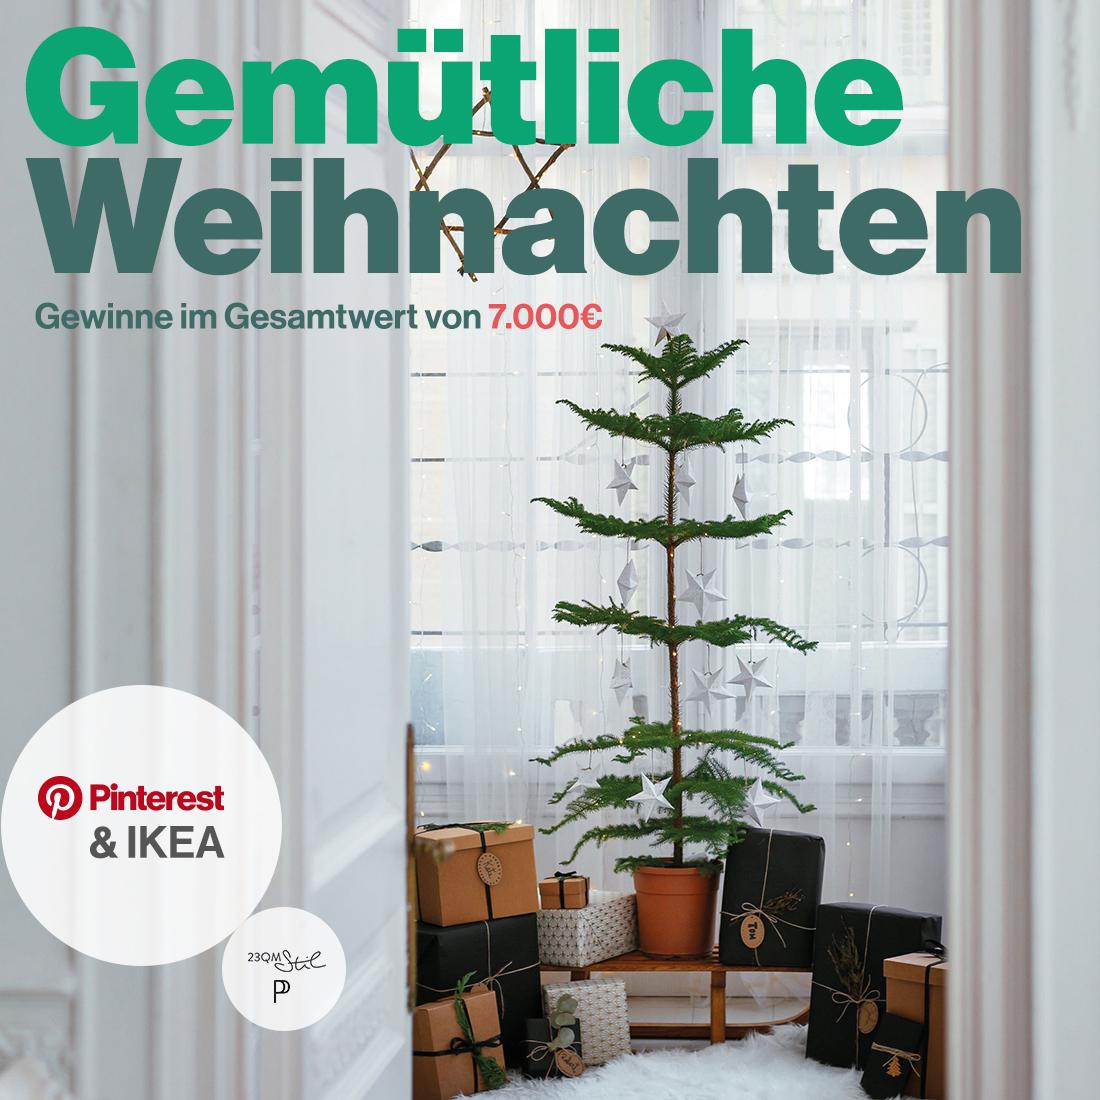 Gemütliche Weihnachten mit Ikea und Pinterest